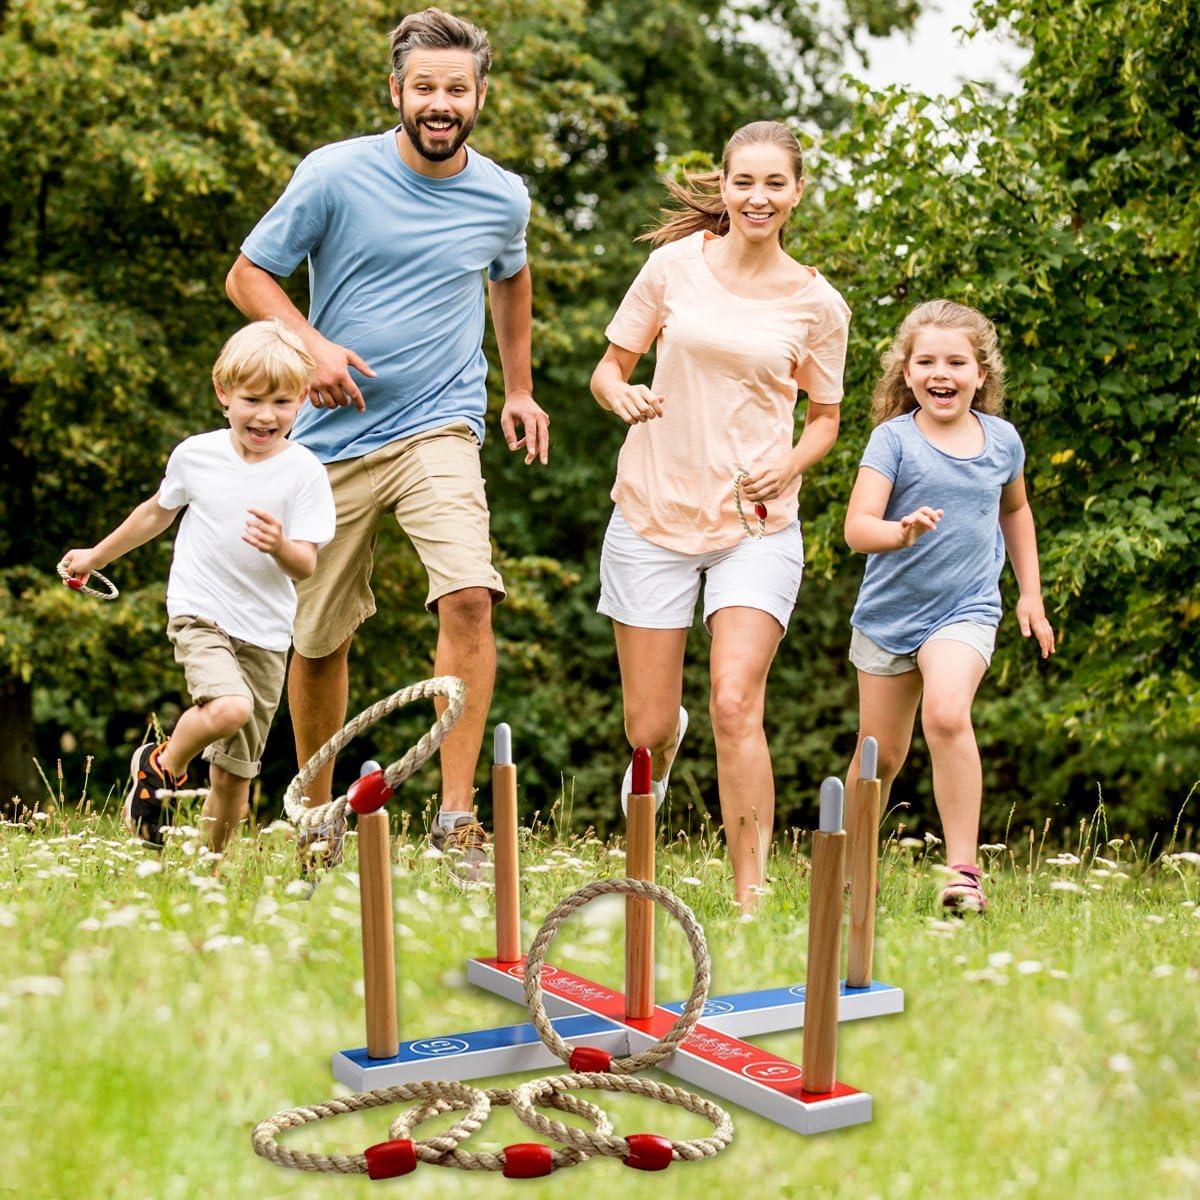 Kinder Outdoor Family Garden quoits gesetzt Outdoor